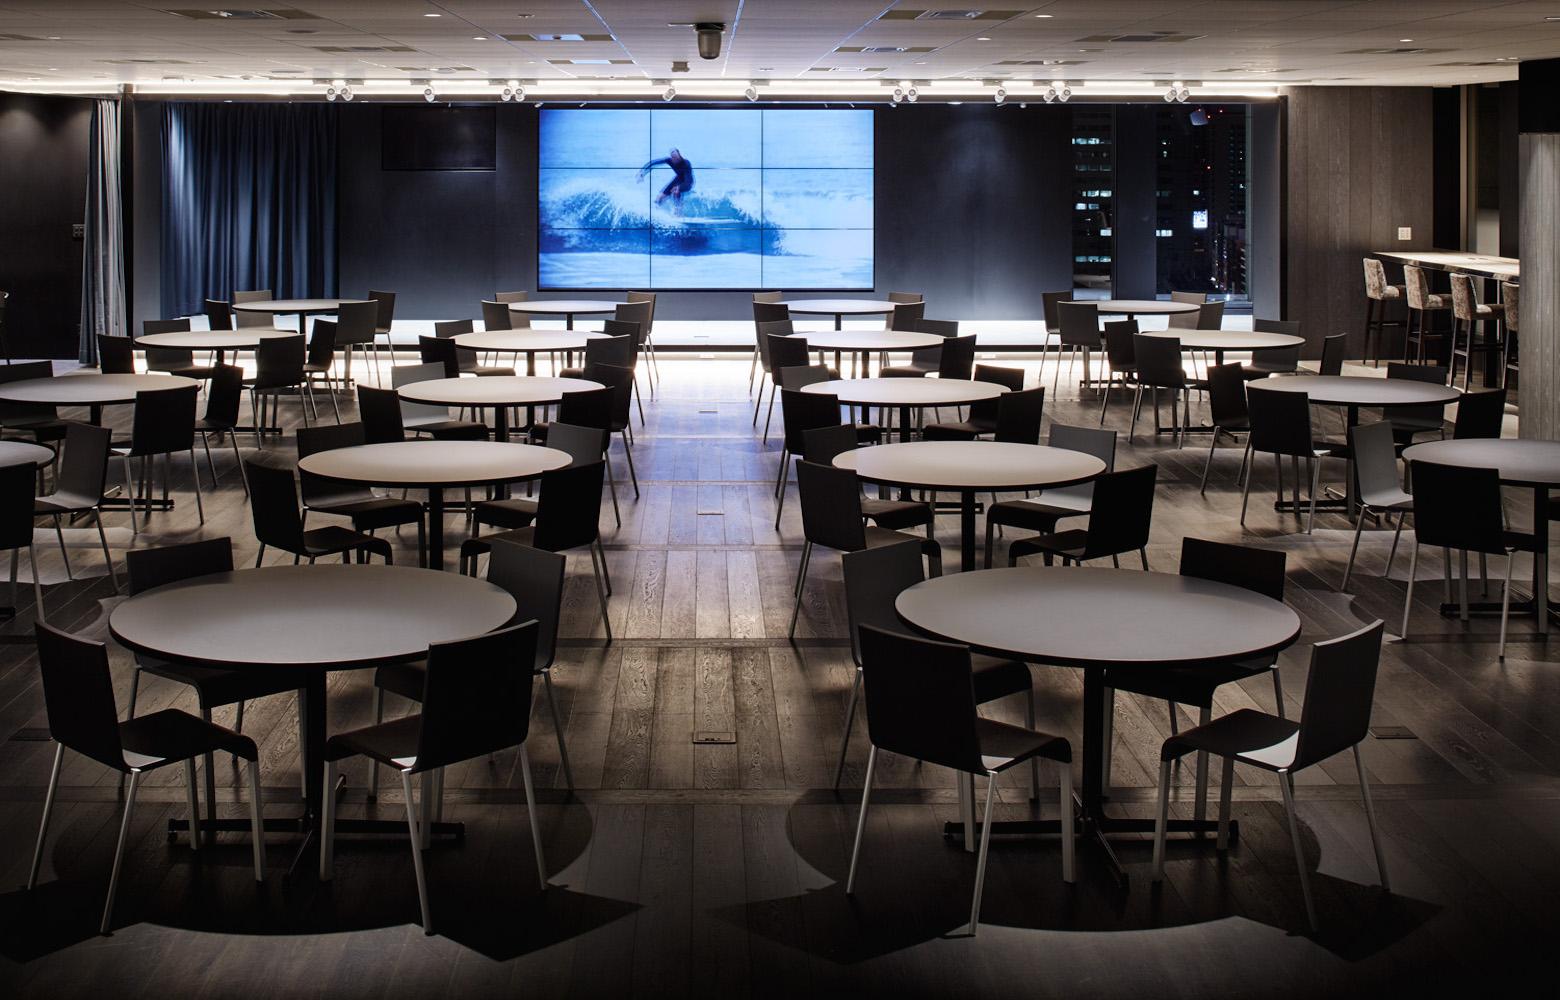 株式会社ベクトル Studio Lounge デザイン・レイアウト事例